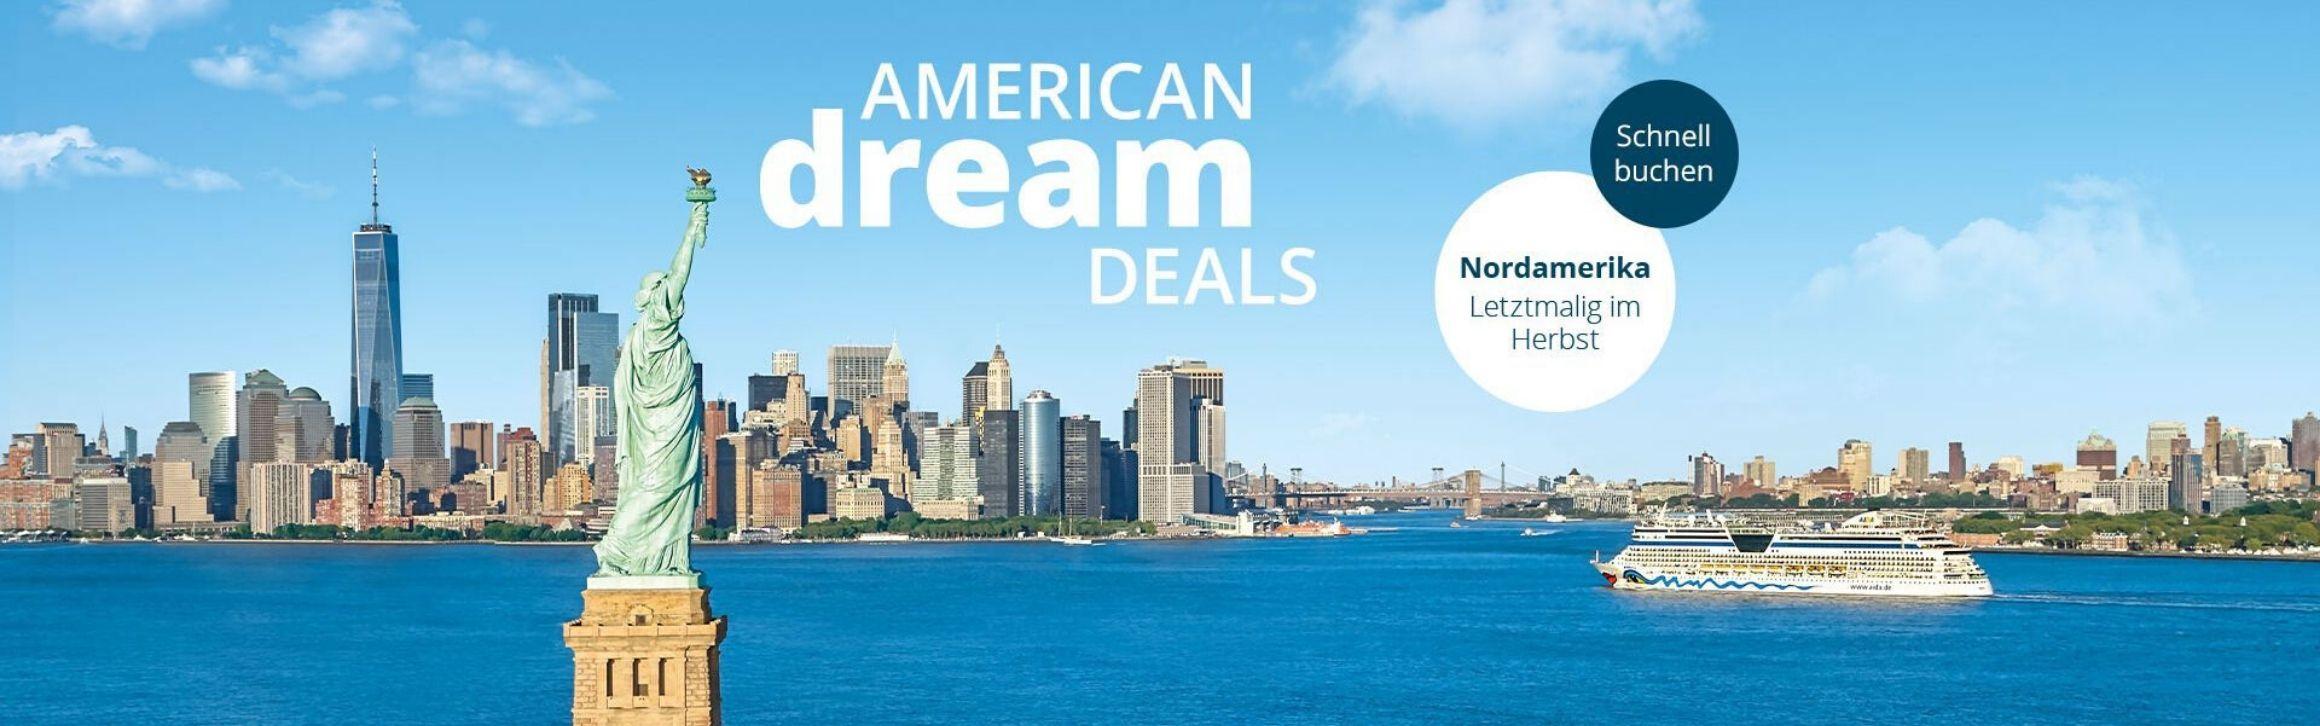 American Dream Deals auf AIDA.de